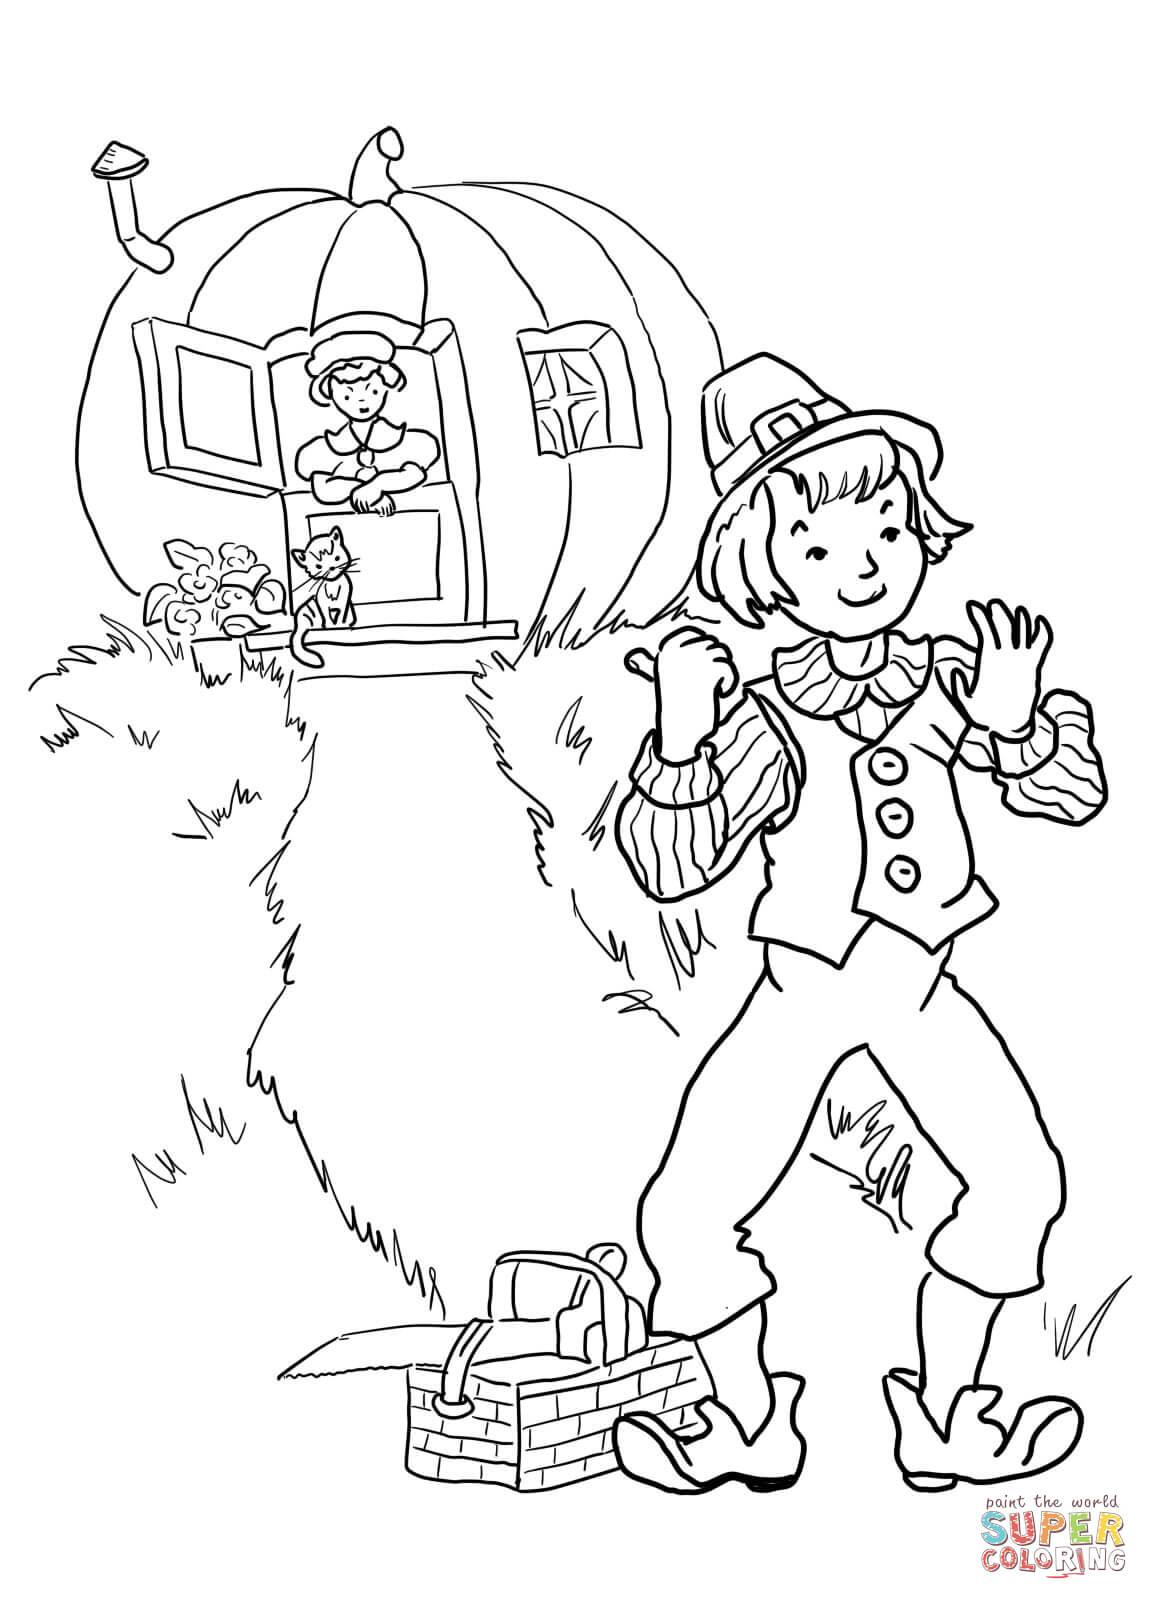 Peter Piper Nursery Rhyme Worksheet